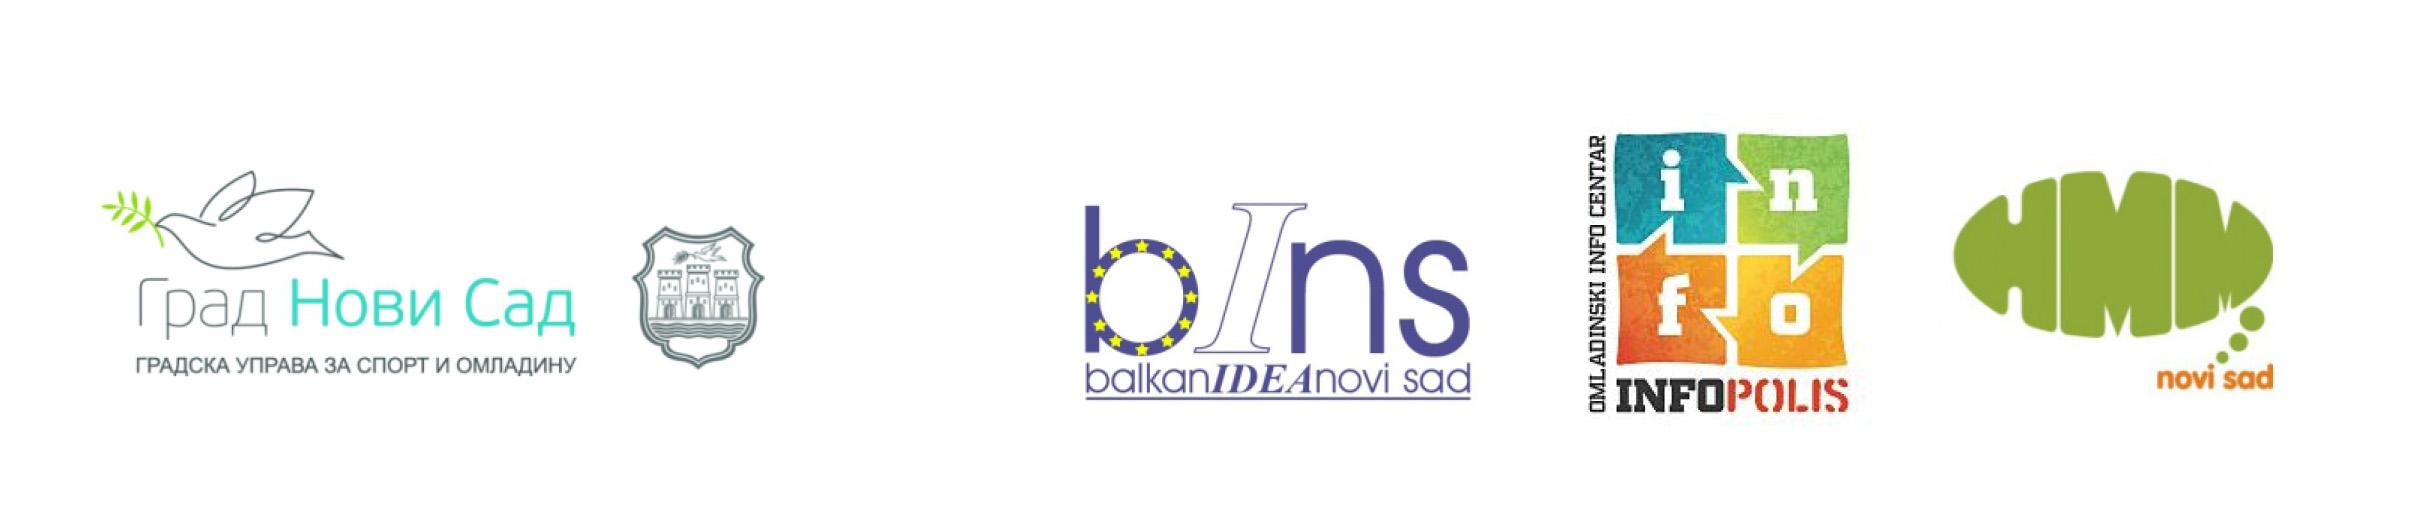 lokomotiva zajednicki logo